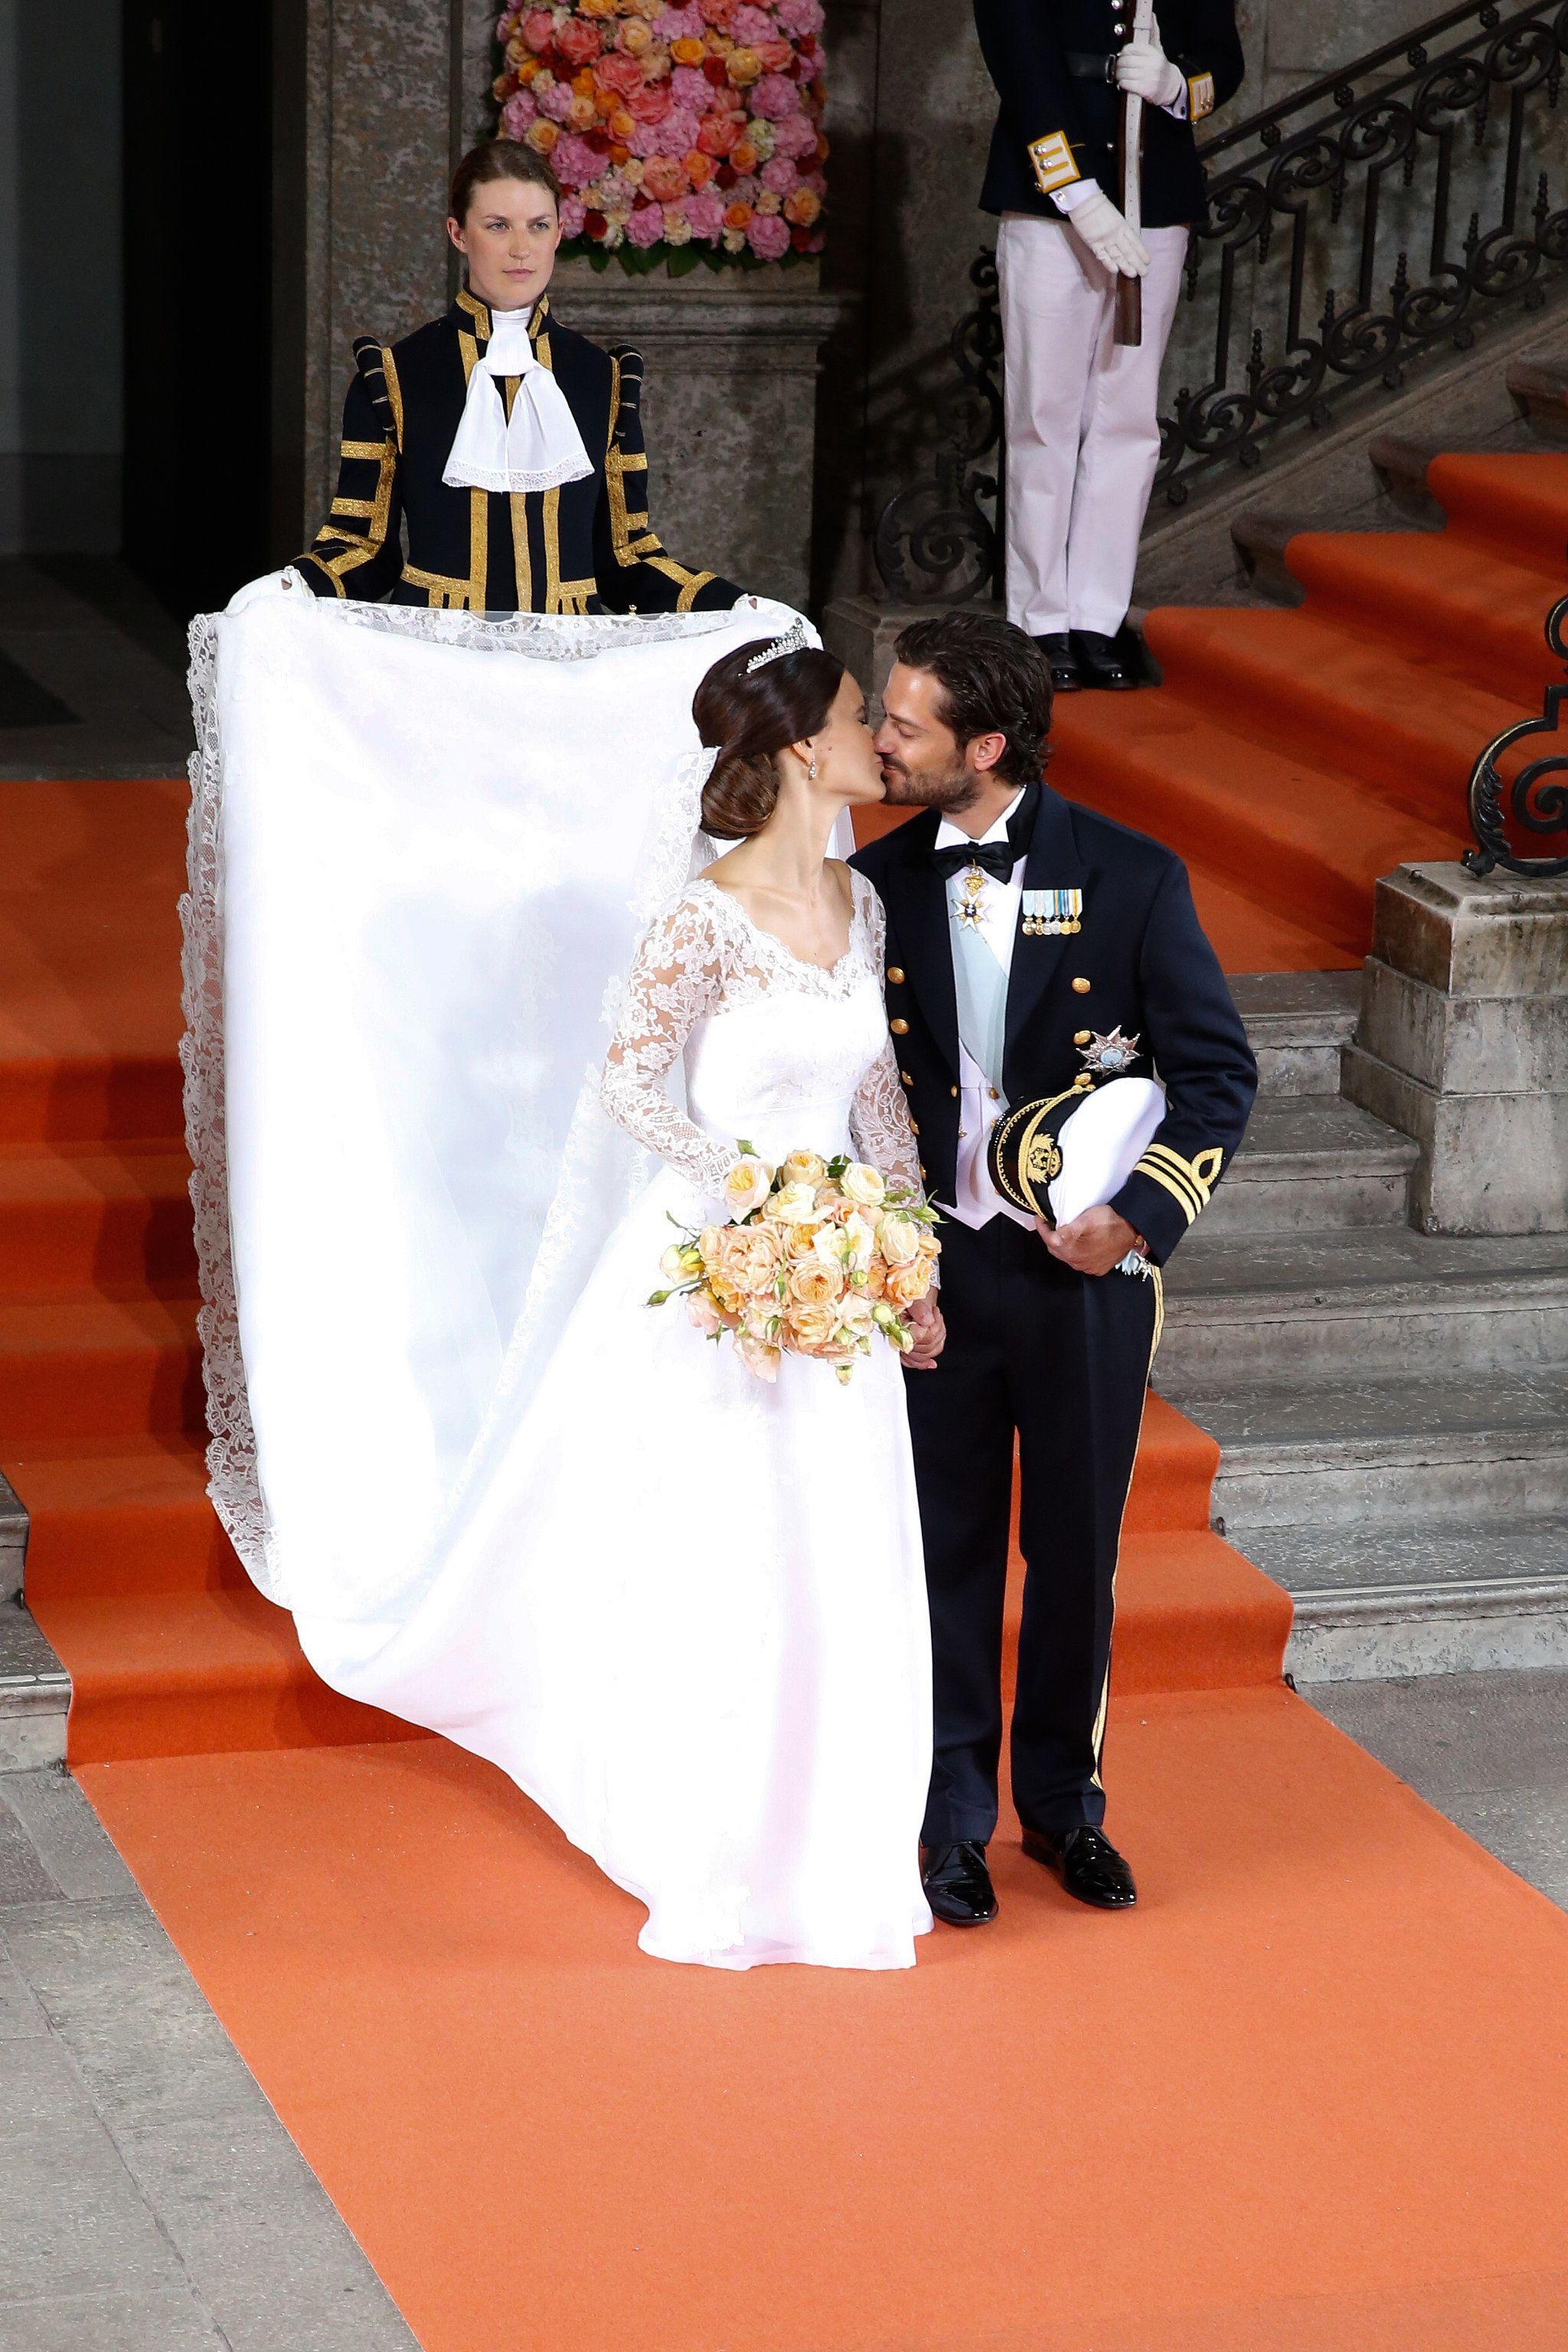 The 20 Best Photos From The Swedish Royal Wedding Konigliche Hochzeitskleider Royale Hochzeiten Prinzessin Sofia